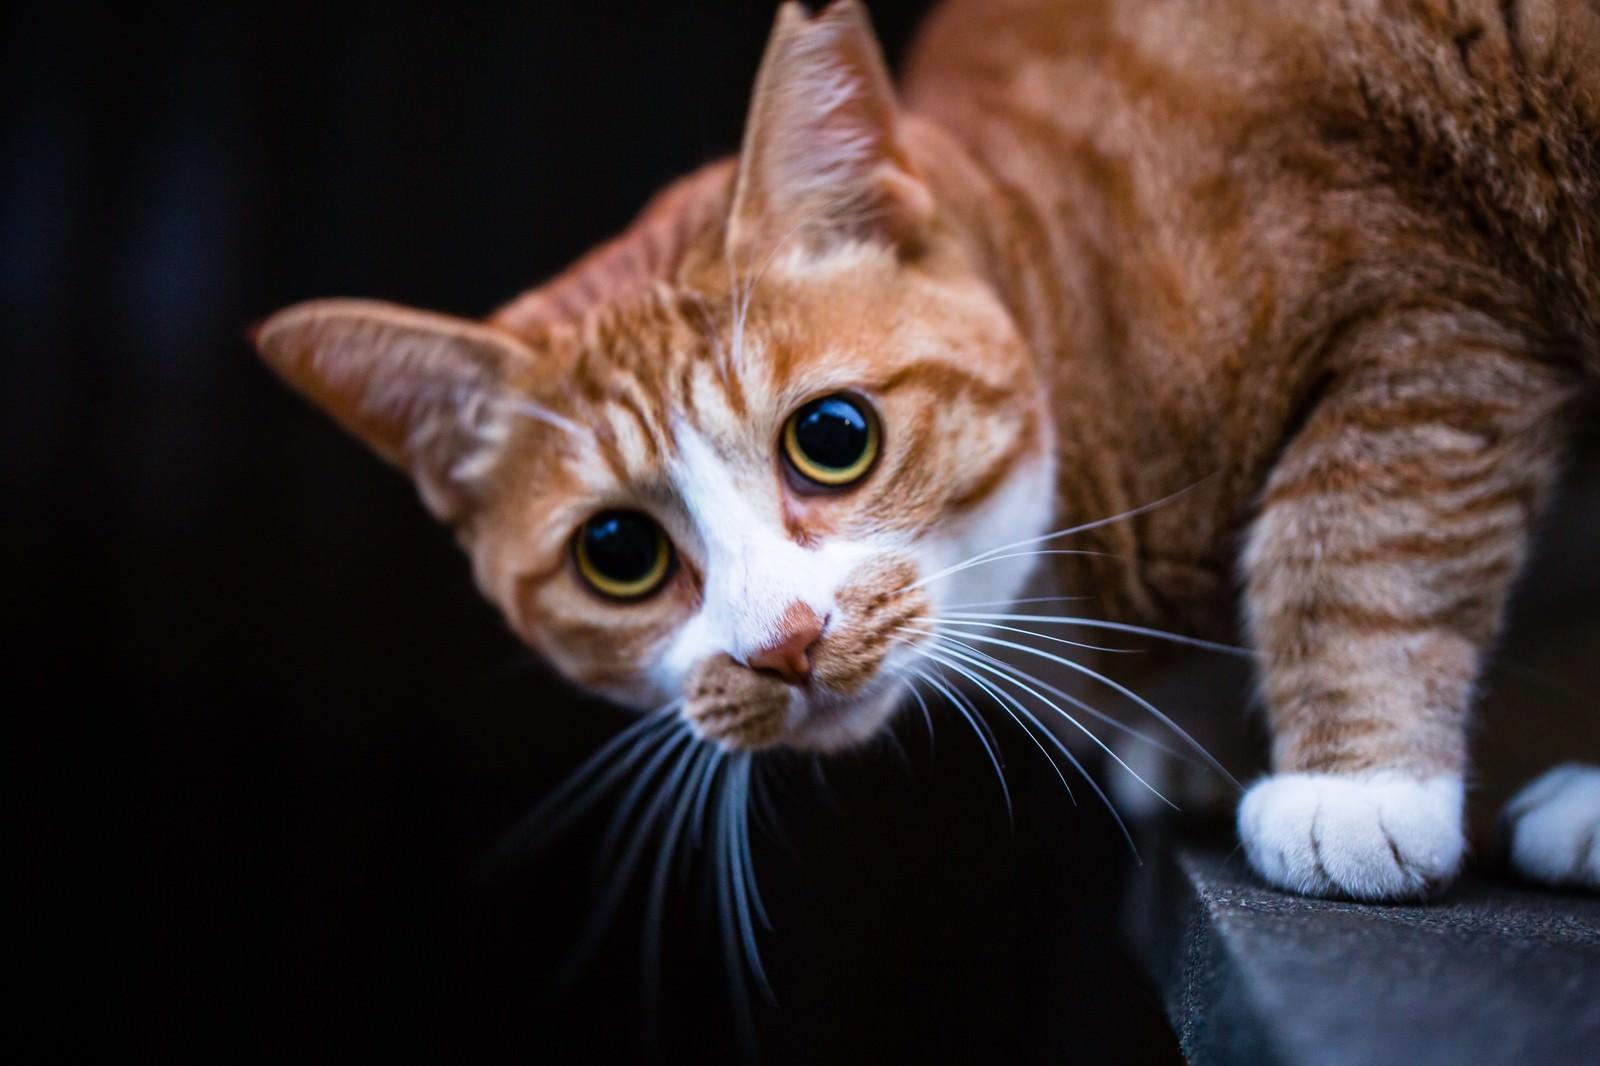 「こちらを警戒し目を丸くする茶猫こちらを警戒し目を丸くする茶猫」のフリー写真素材を拡大